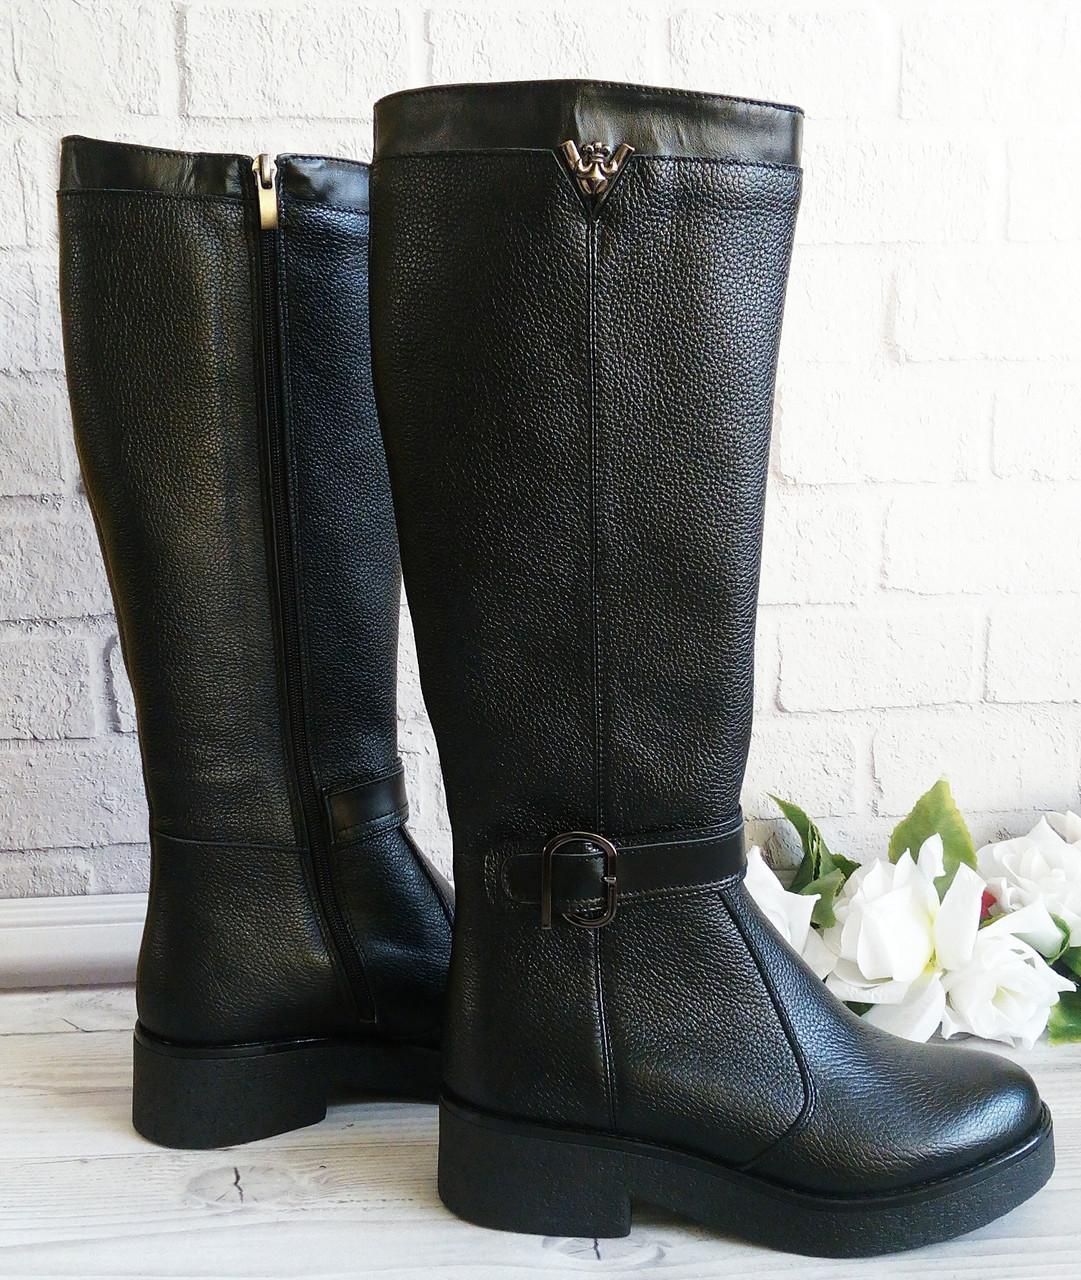 Високі жіночі чоботи на платформі фабрична взуття